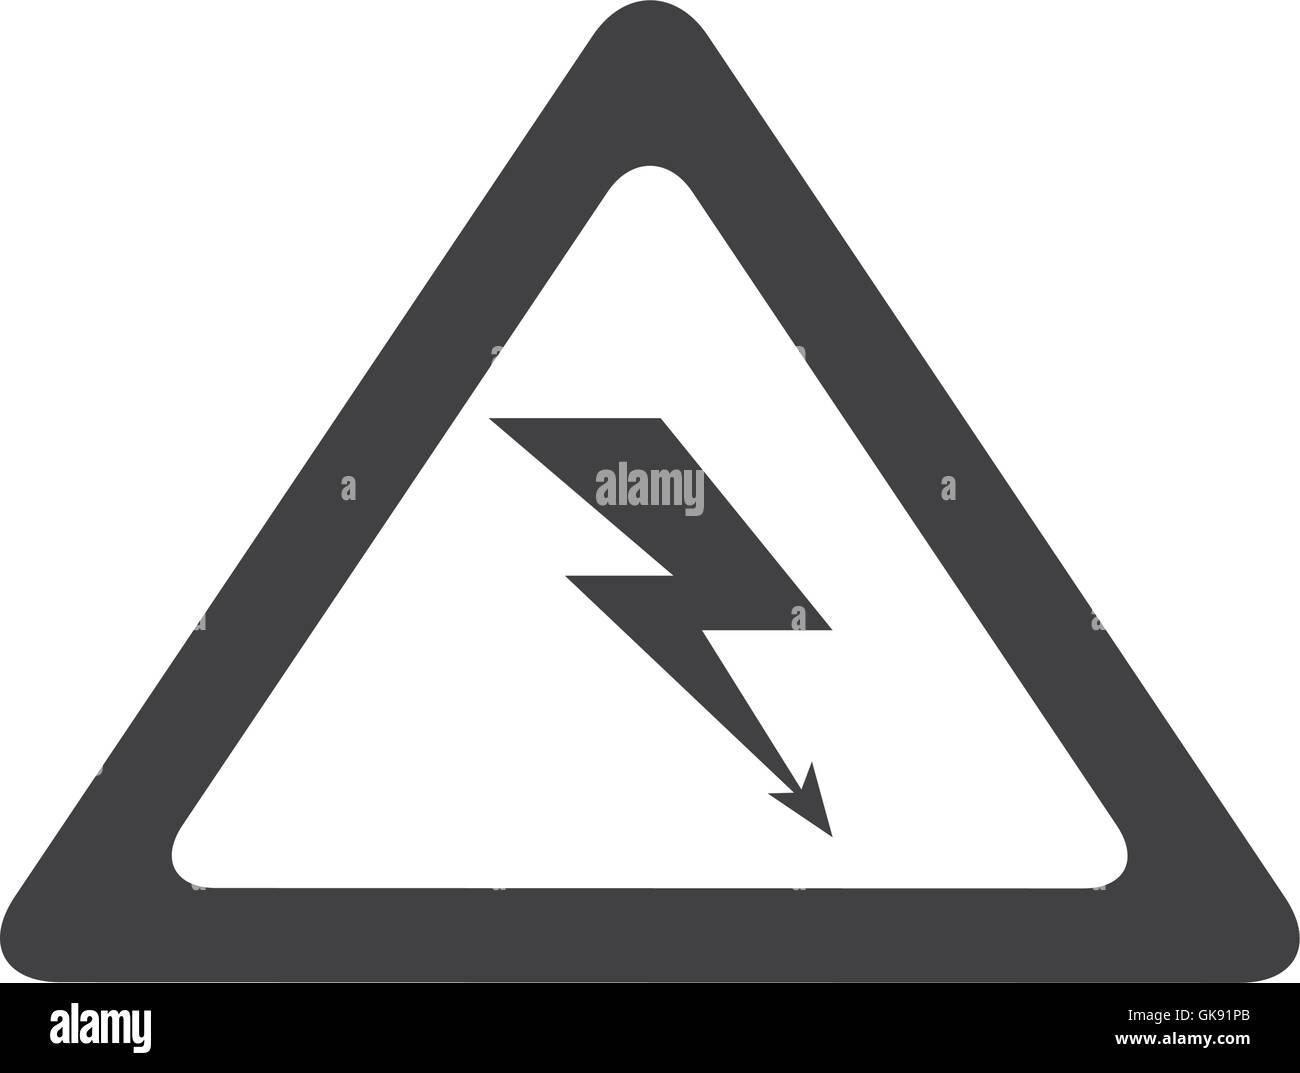 Electrical Shock Hazard Symbol Vector Stock Photos & Electrical ...